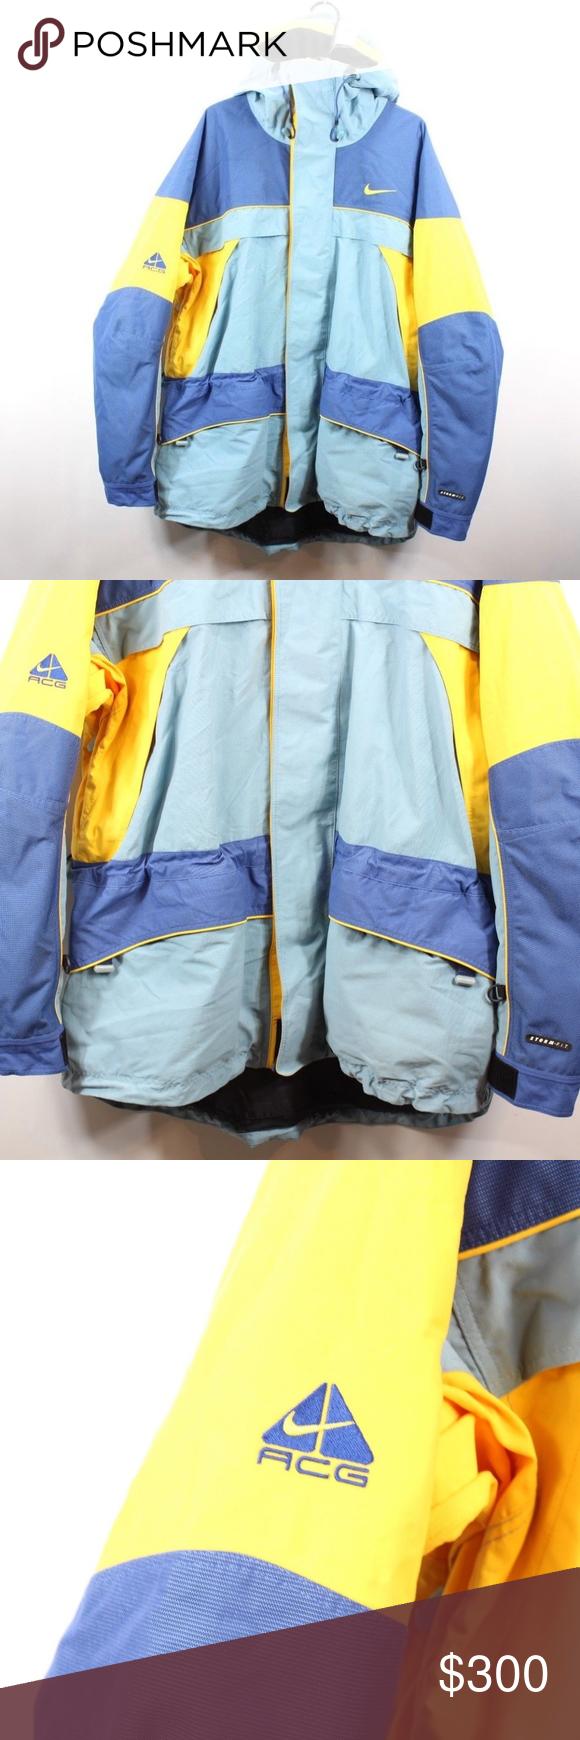 197e1642256d8 Vintage Nike ACG Color Block Hooded Parka Jacket L Vintage 90s Nike ...